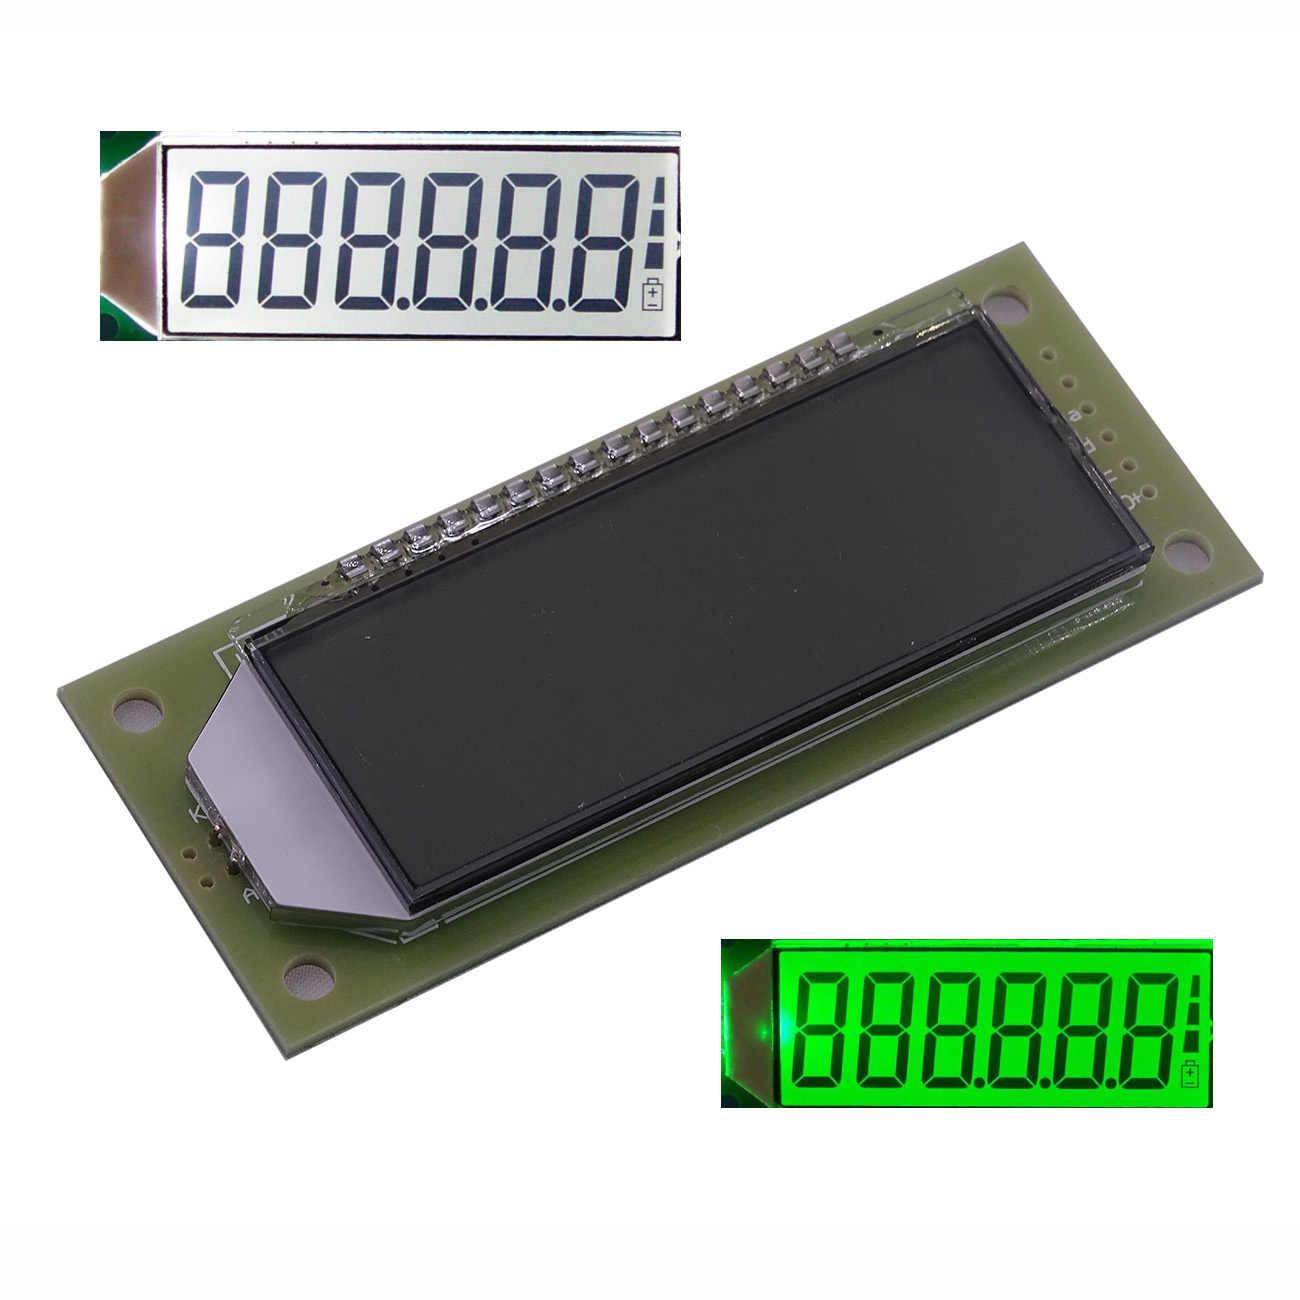 Module LCD 6 bits 8 mots module LCD SPI panneau d'affichage numéro de champ contrôleur HT1621 intégré avec rétro-éclairage blanc/vert